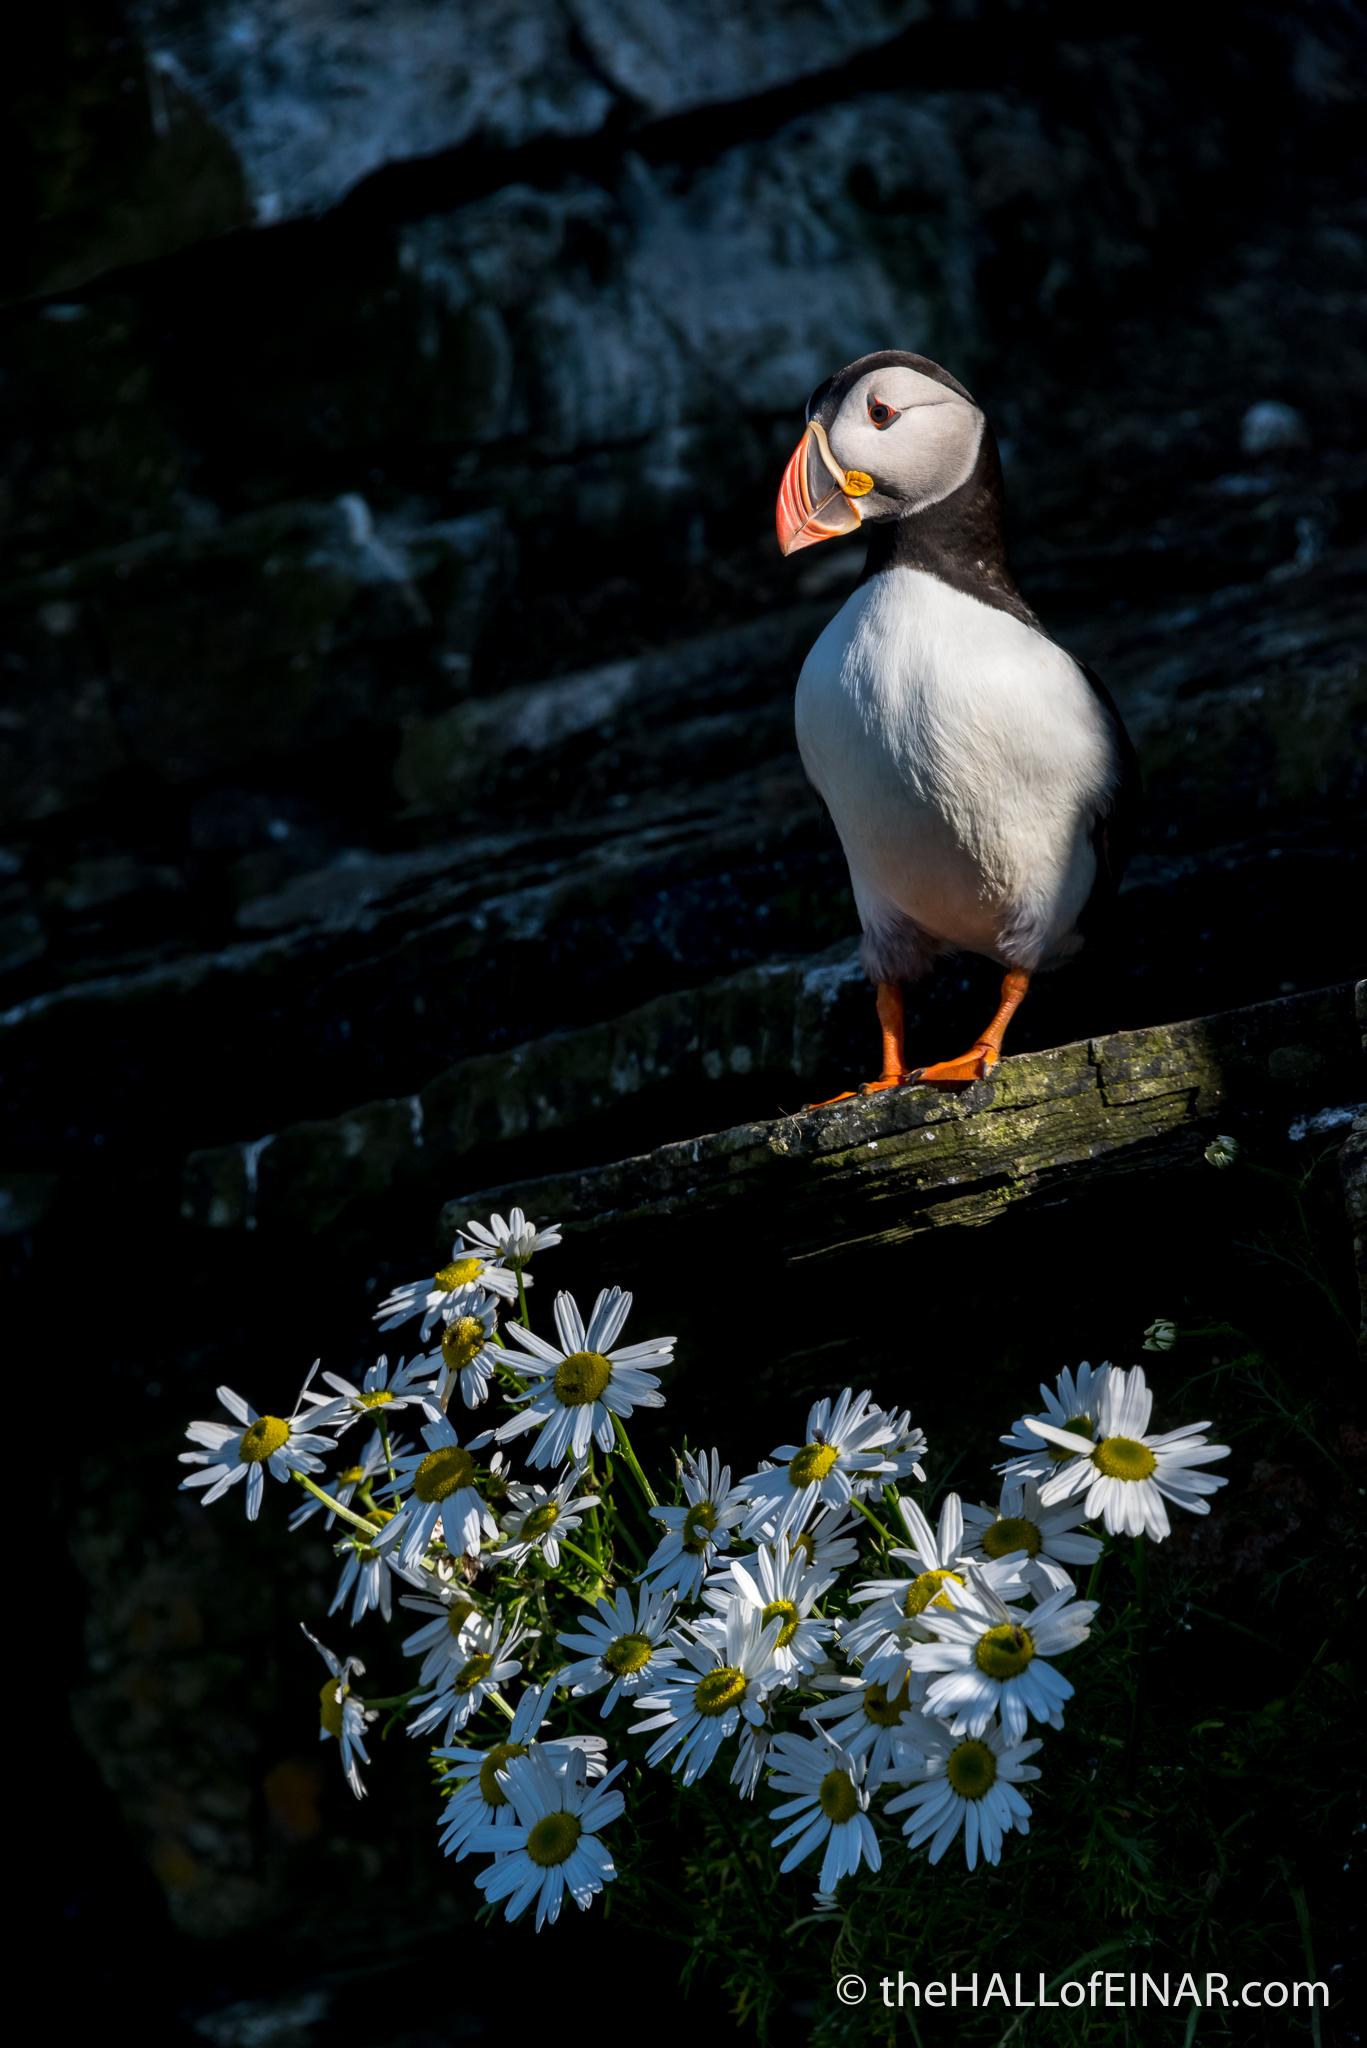 Admiring your garden - The Hall of Einar - photograph (c) David Bailey (not the)